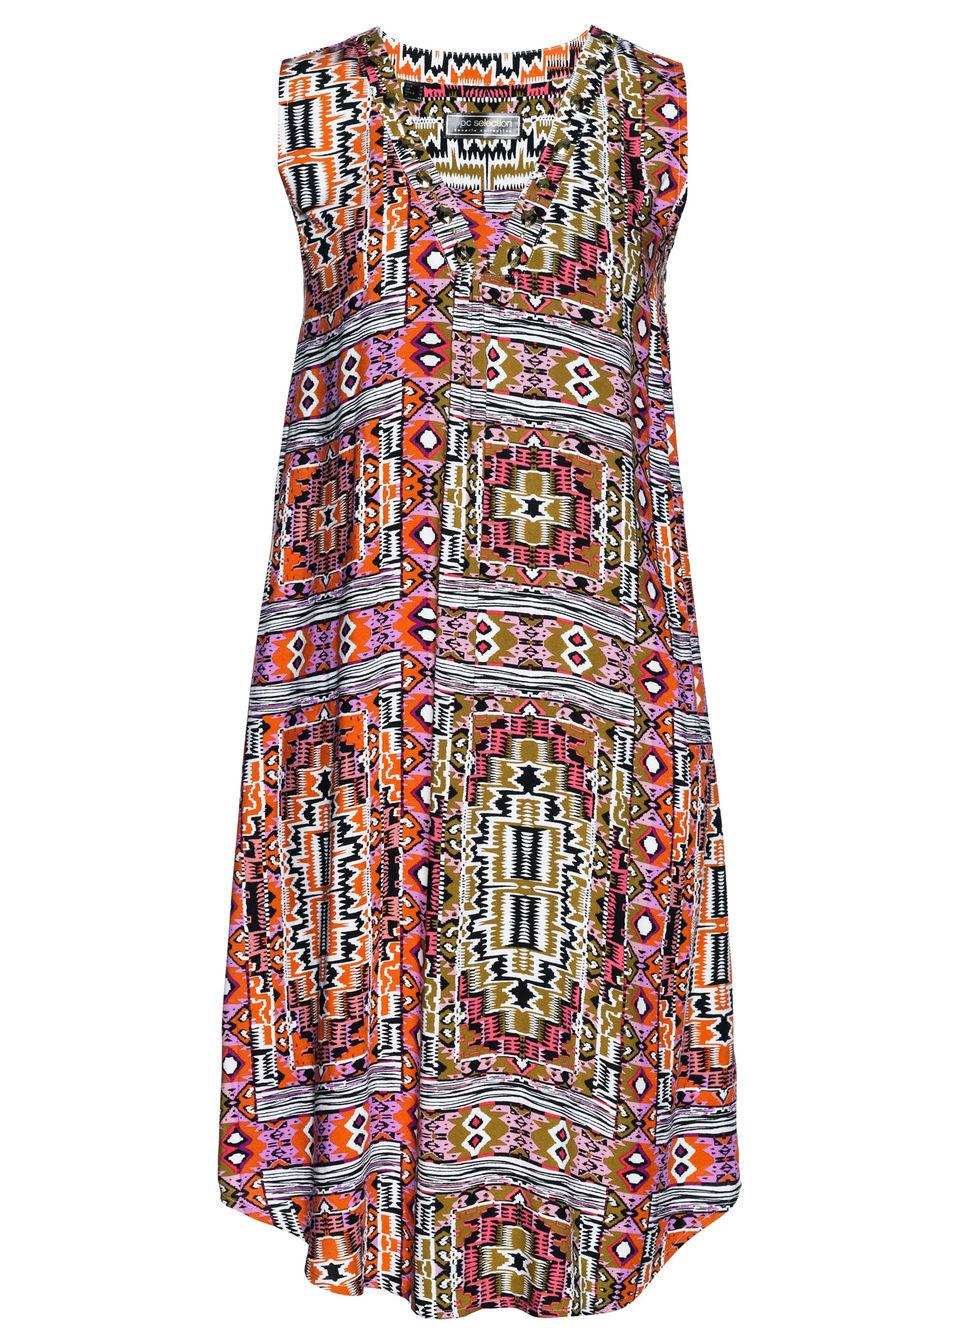 Купить Платье из вискозы, bonprix, хаки с рисунком